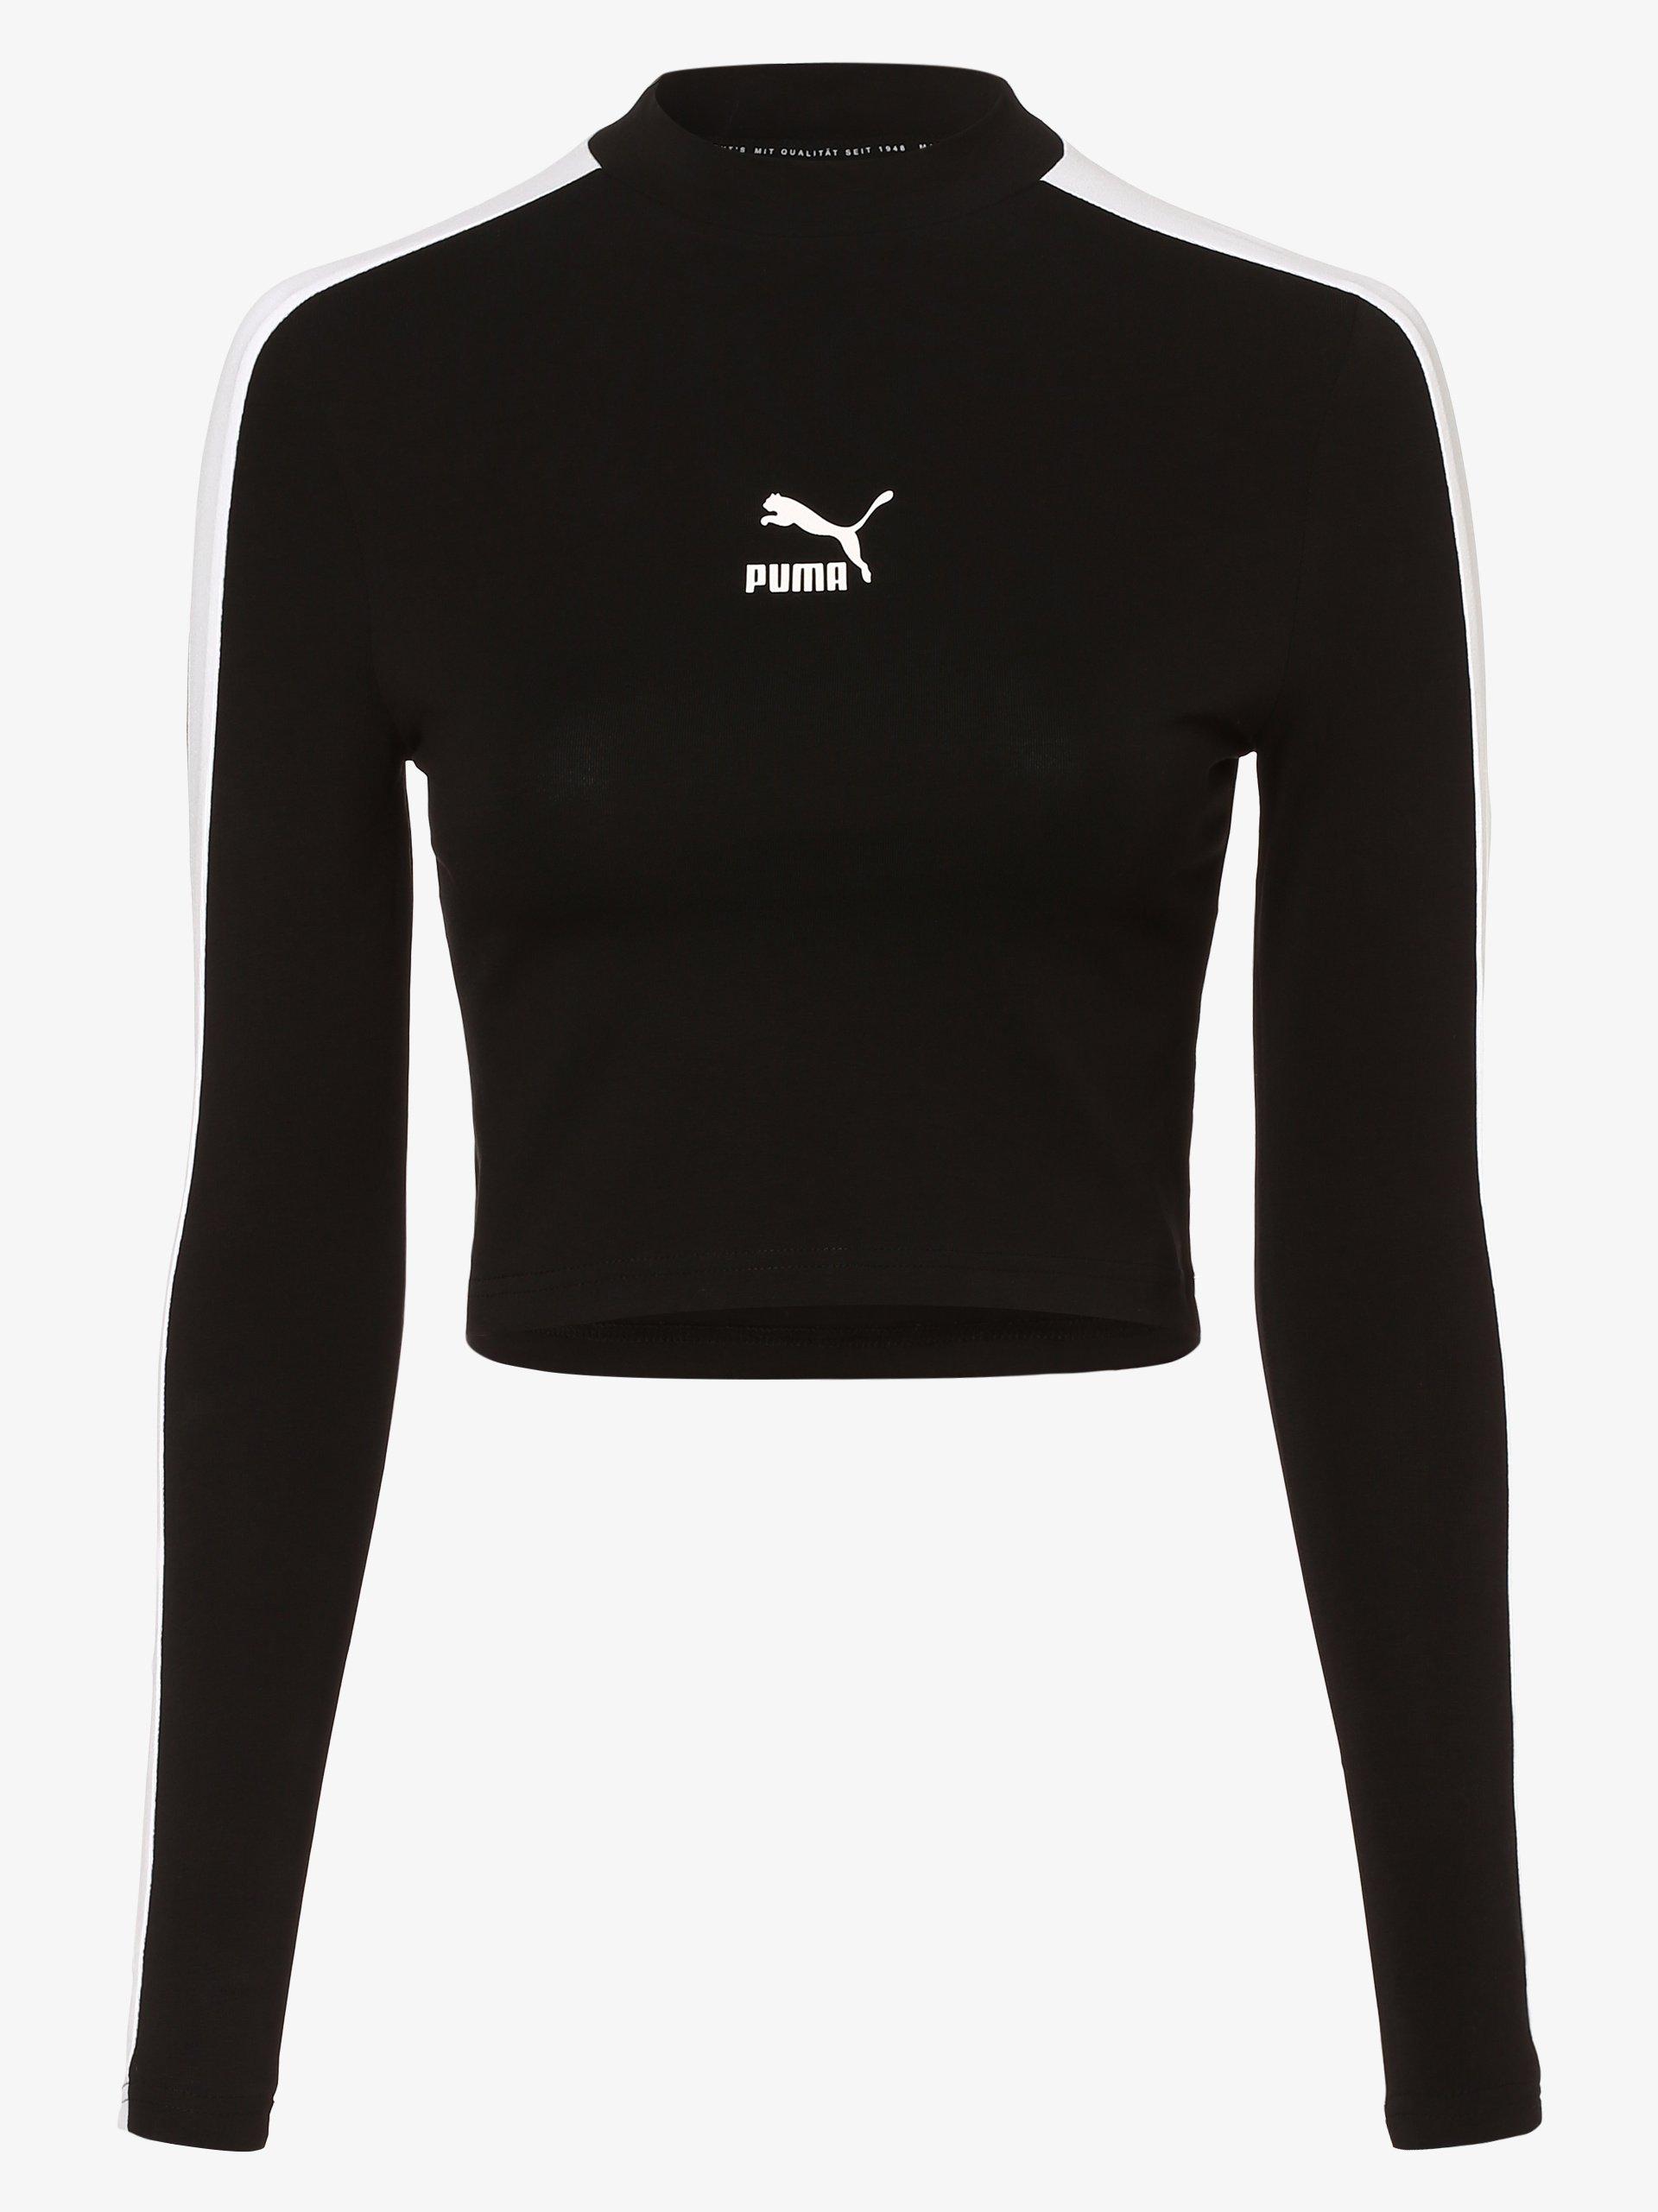 Puma Damen Langarmshirt